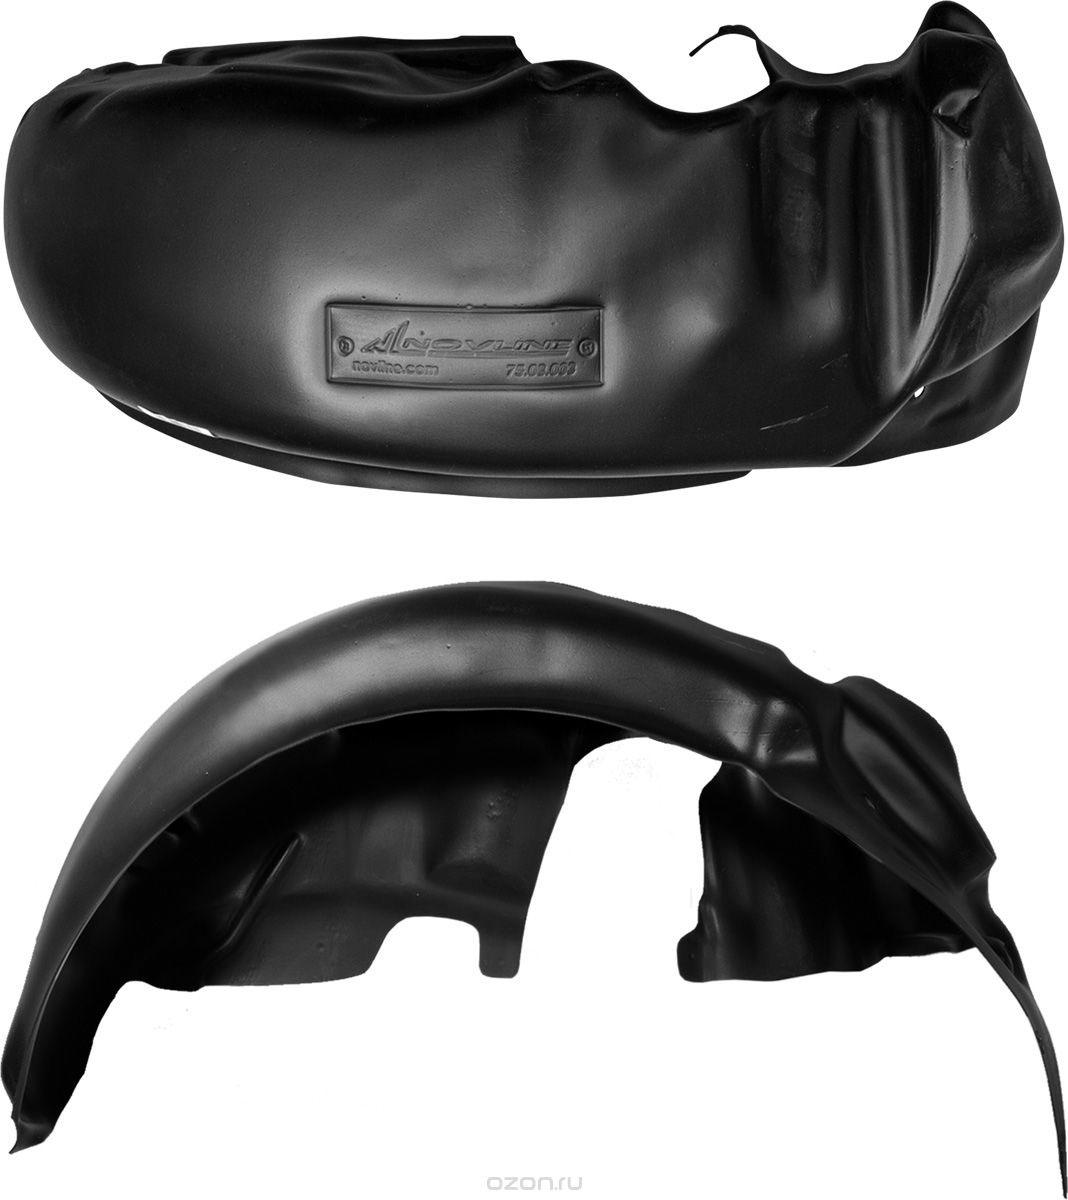 Подкрылок Novline-Autofamily, для Lada Vesta, 2015->, седан, задний левыйNLL.52.34.003Идеальная защита колесной ниши. Локеры разработаны с применением цифровых технологий, гарантируют максимальную повторяемость поверхности арки. Изделия устанавливаются без нарушения лакокрасочного покрытия автомобиля, каждый подкрылок комплектуется крепежом. Уважаемые клиенты, обращаем ваше внимание, что фотографии на подкрылки универсальные и не отражают реальную форму изделия. При этом само изделие идет точно под размер указанного автомобиля.